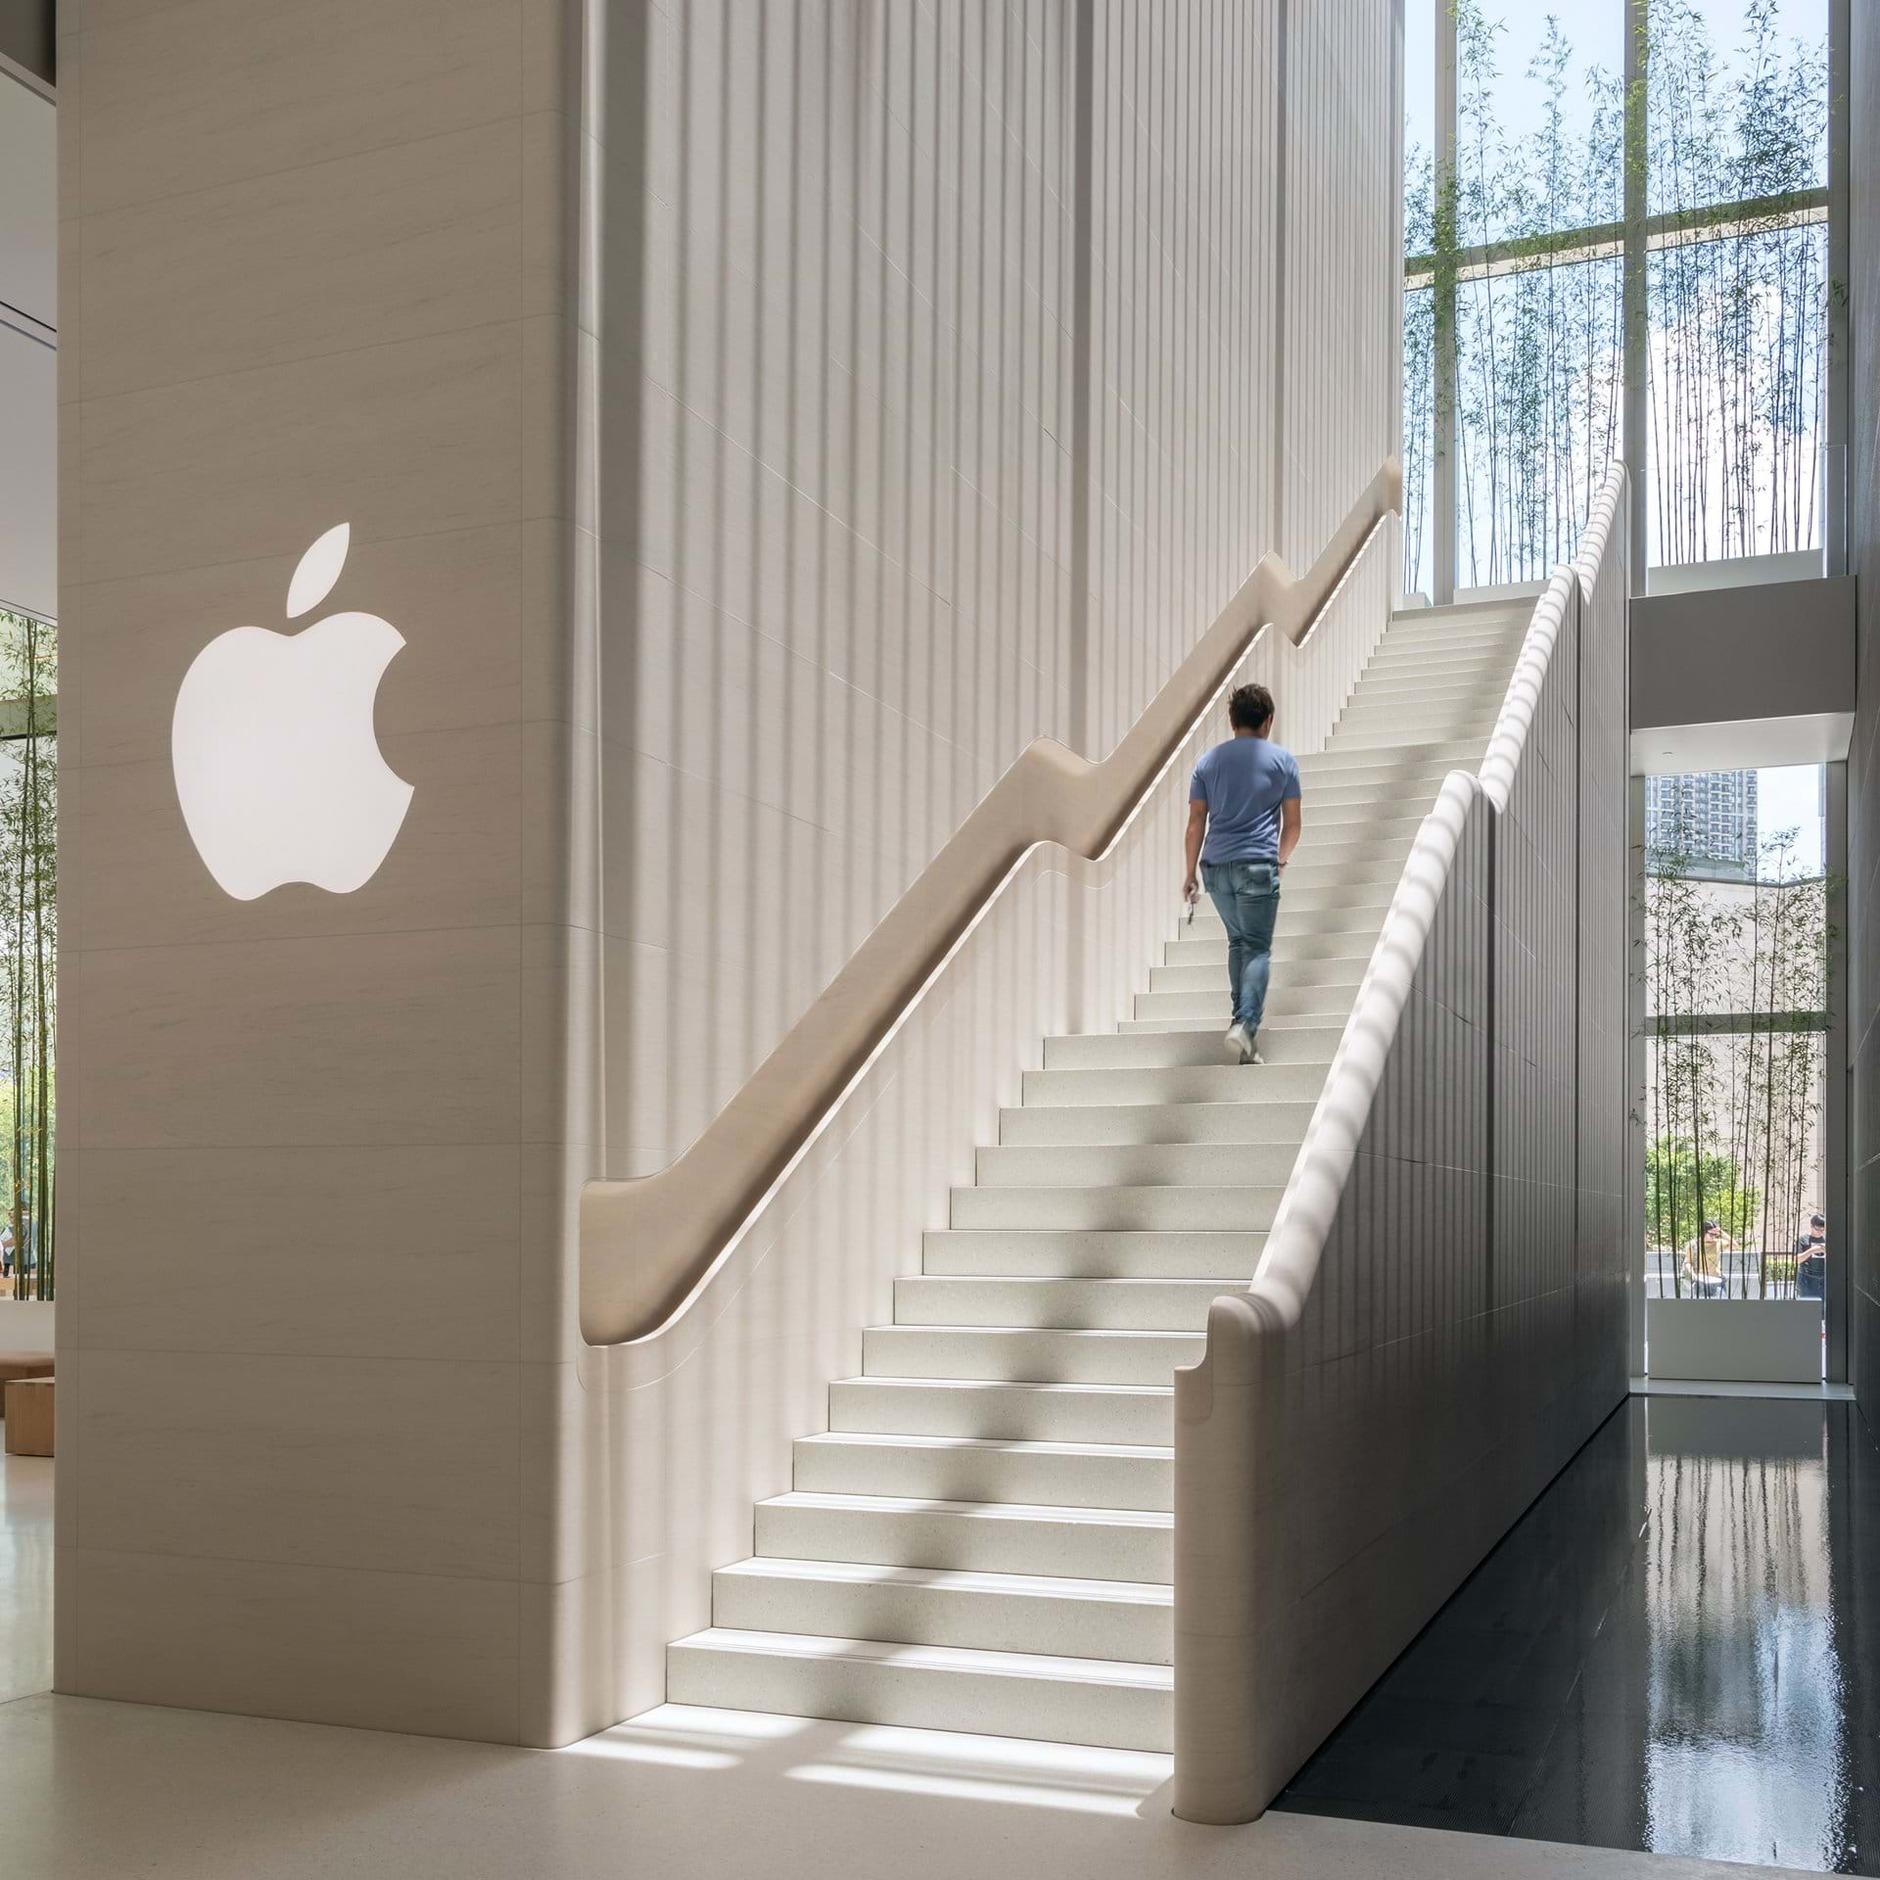 10 самых эффектных бутиков Apple (галерея 23, фото 1)